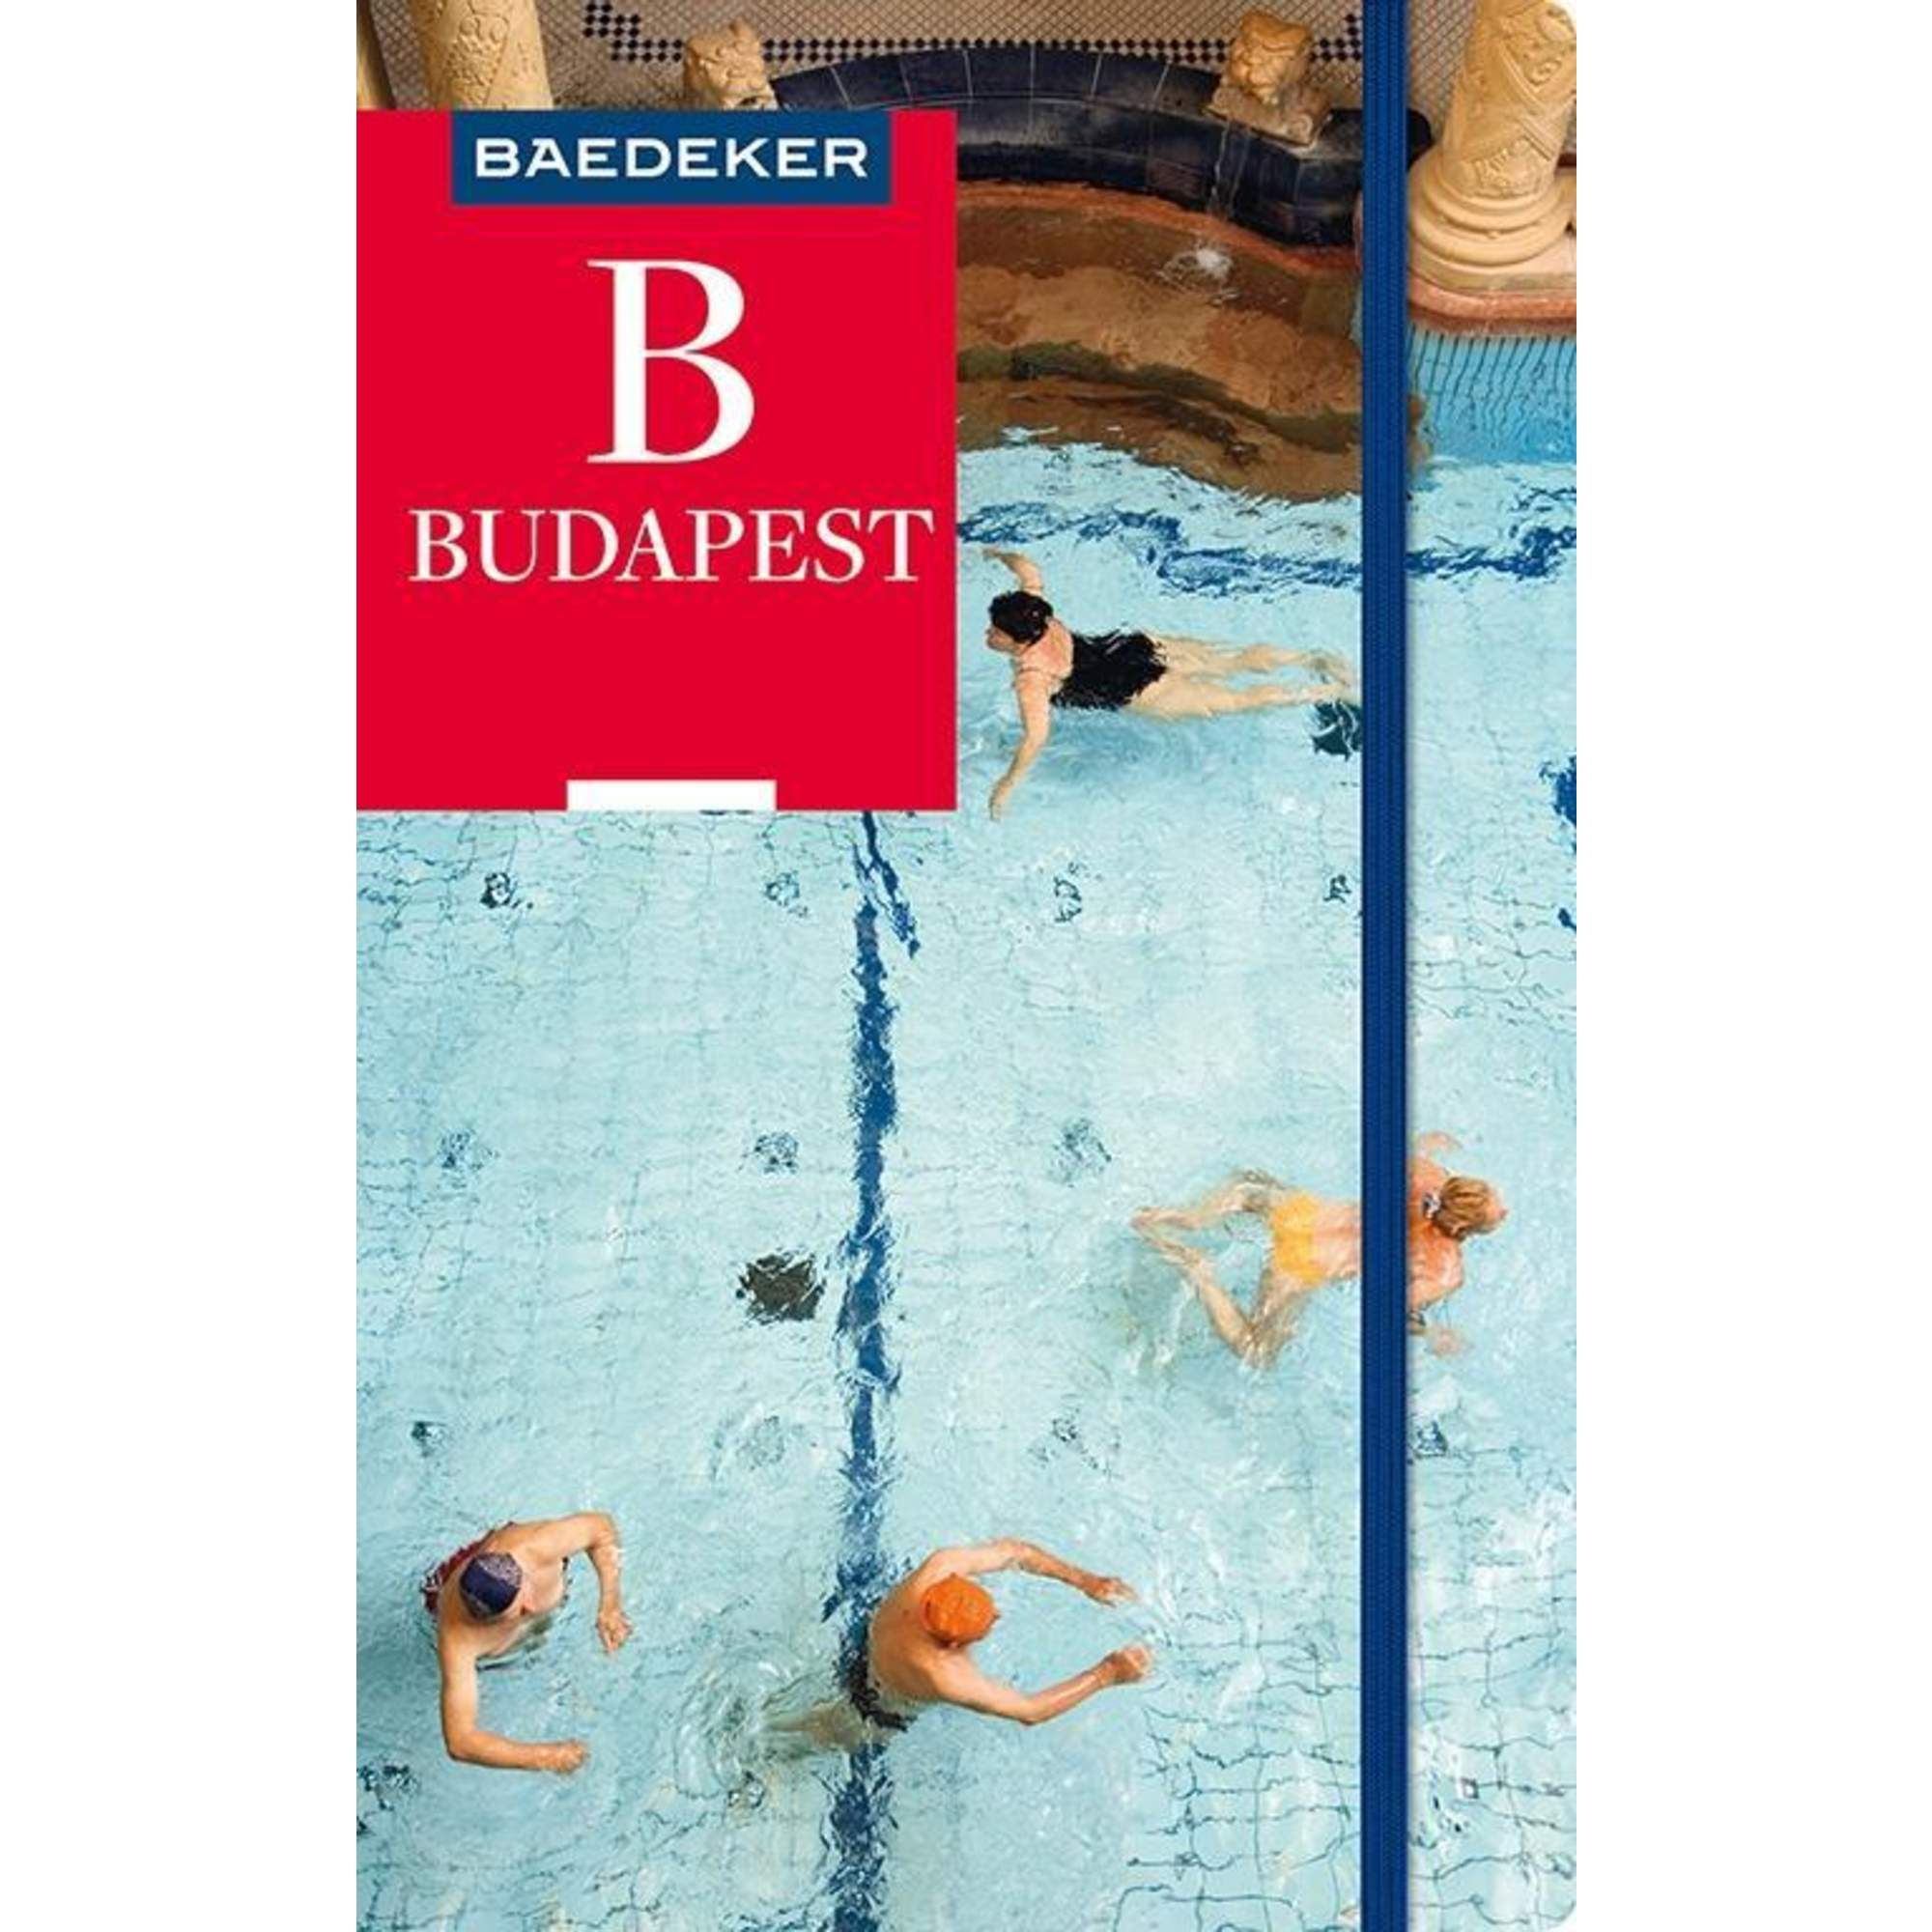 Baedeker Reiseführer Budapest, 21,95 Euro